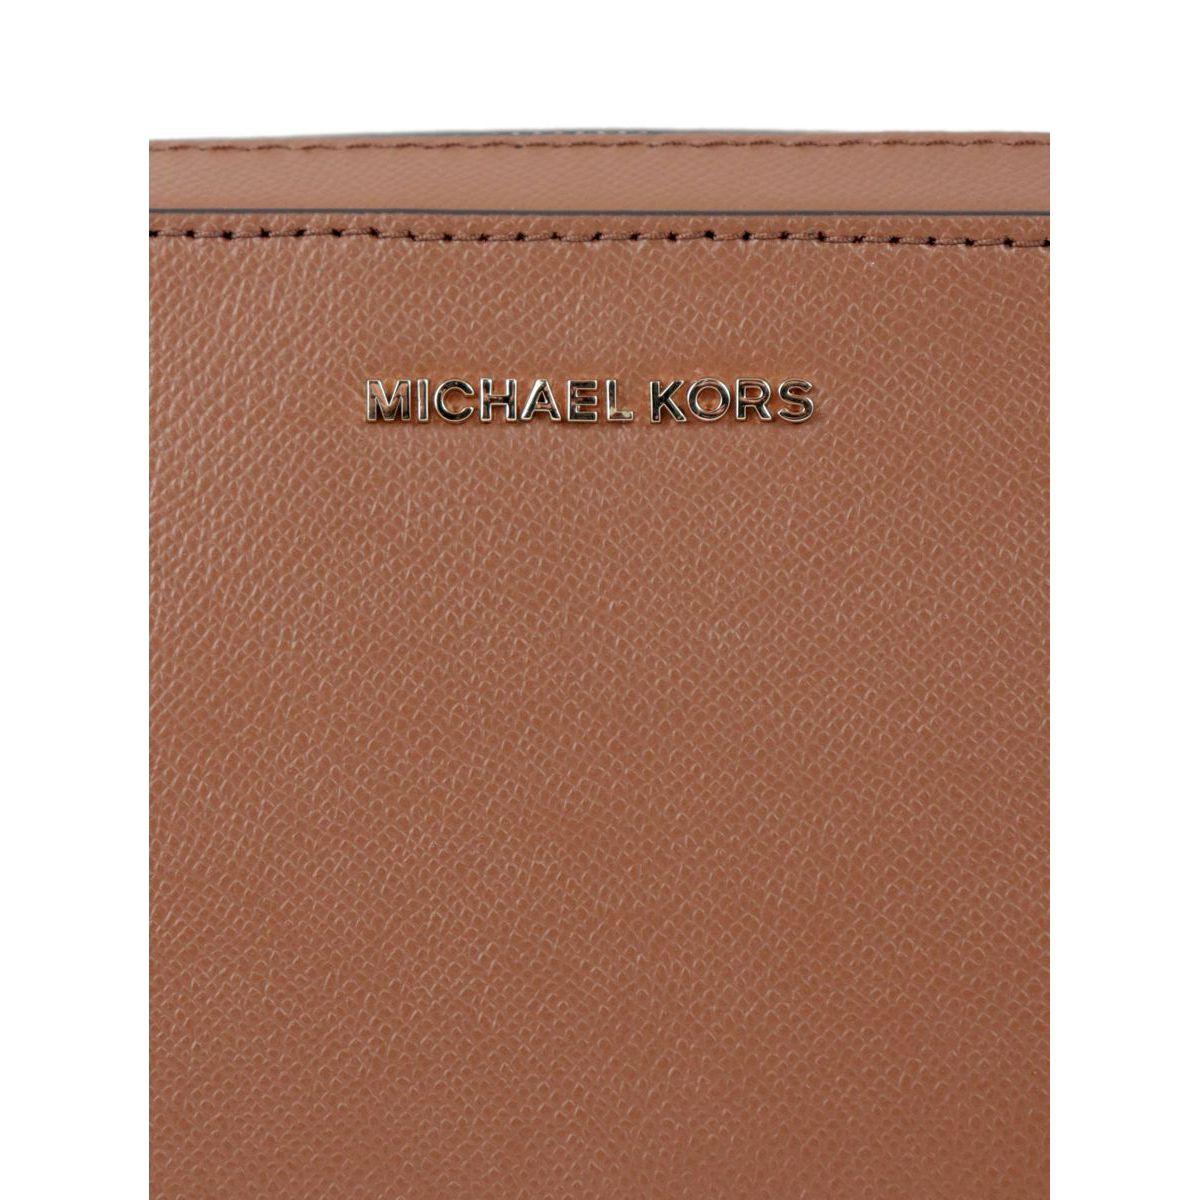 Jet Set shoulder bag in saffiano leather Leather Michael Kors